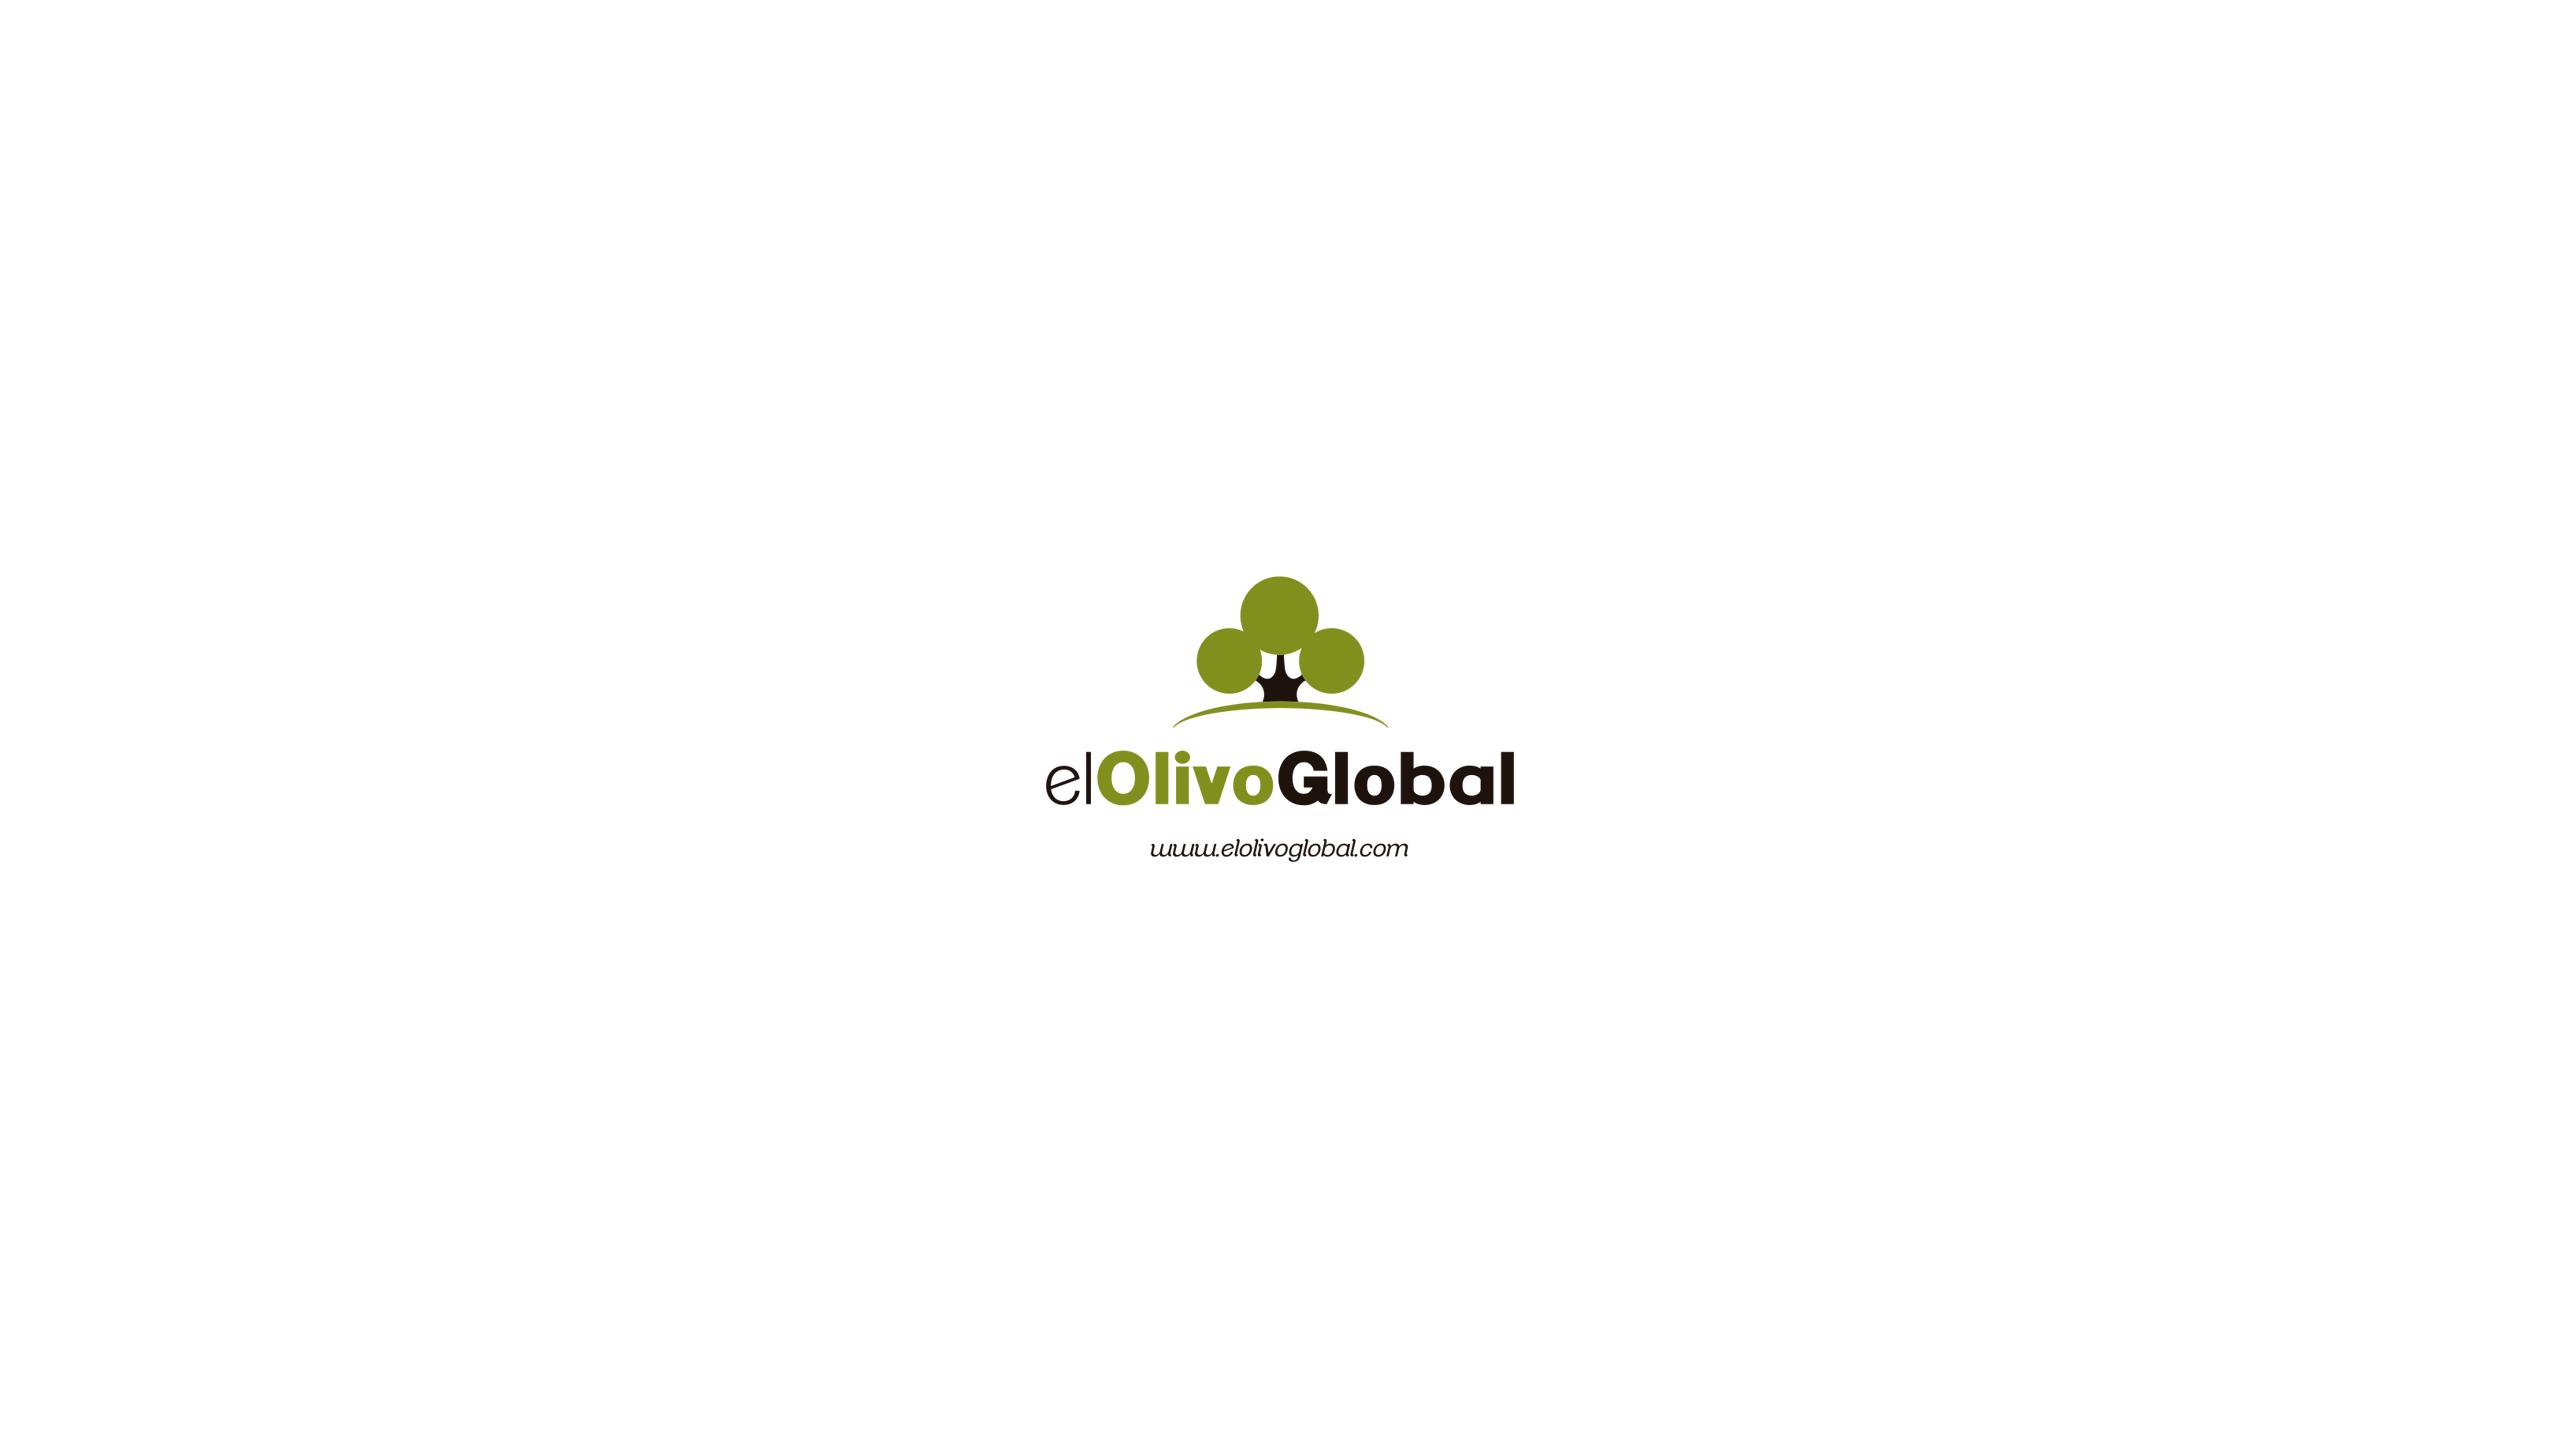 logotipo el olivo global Pliegues